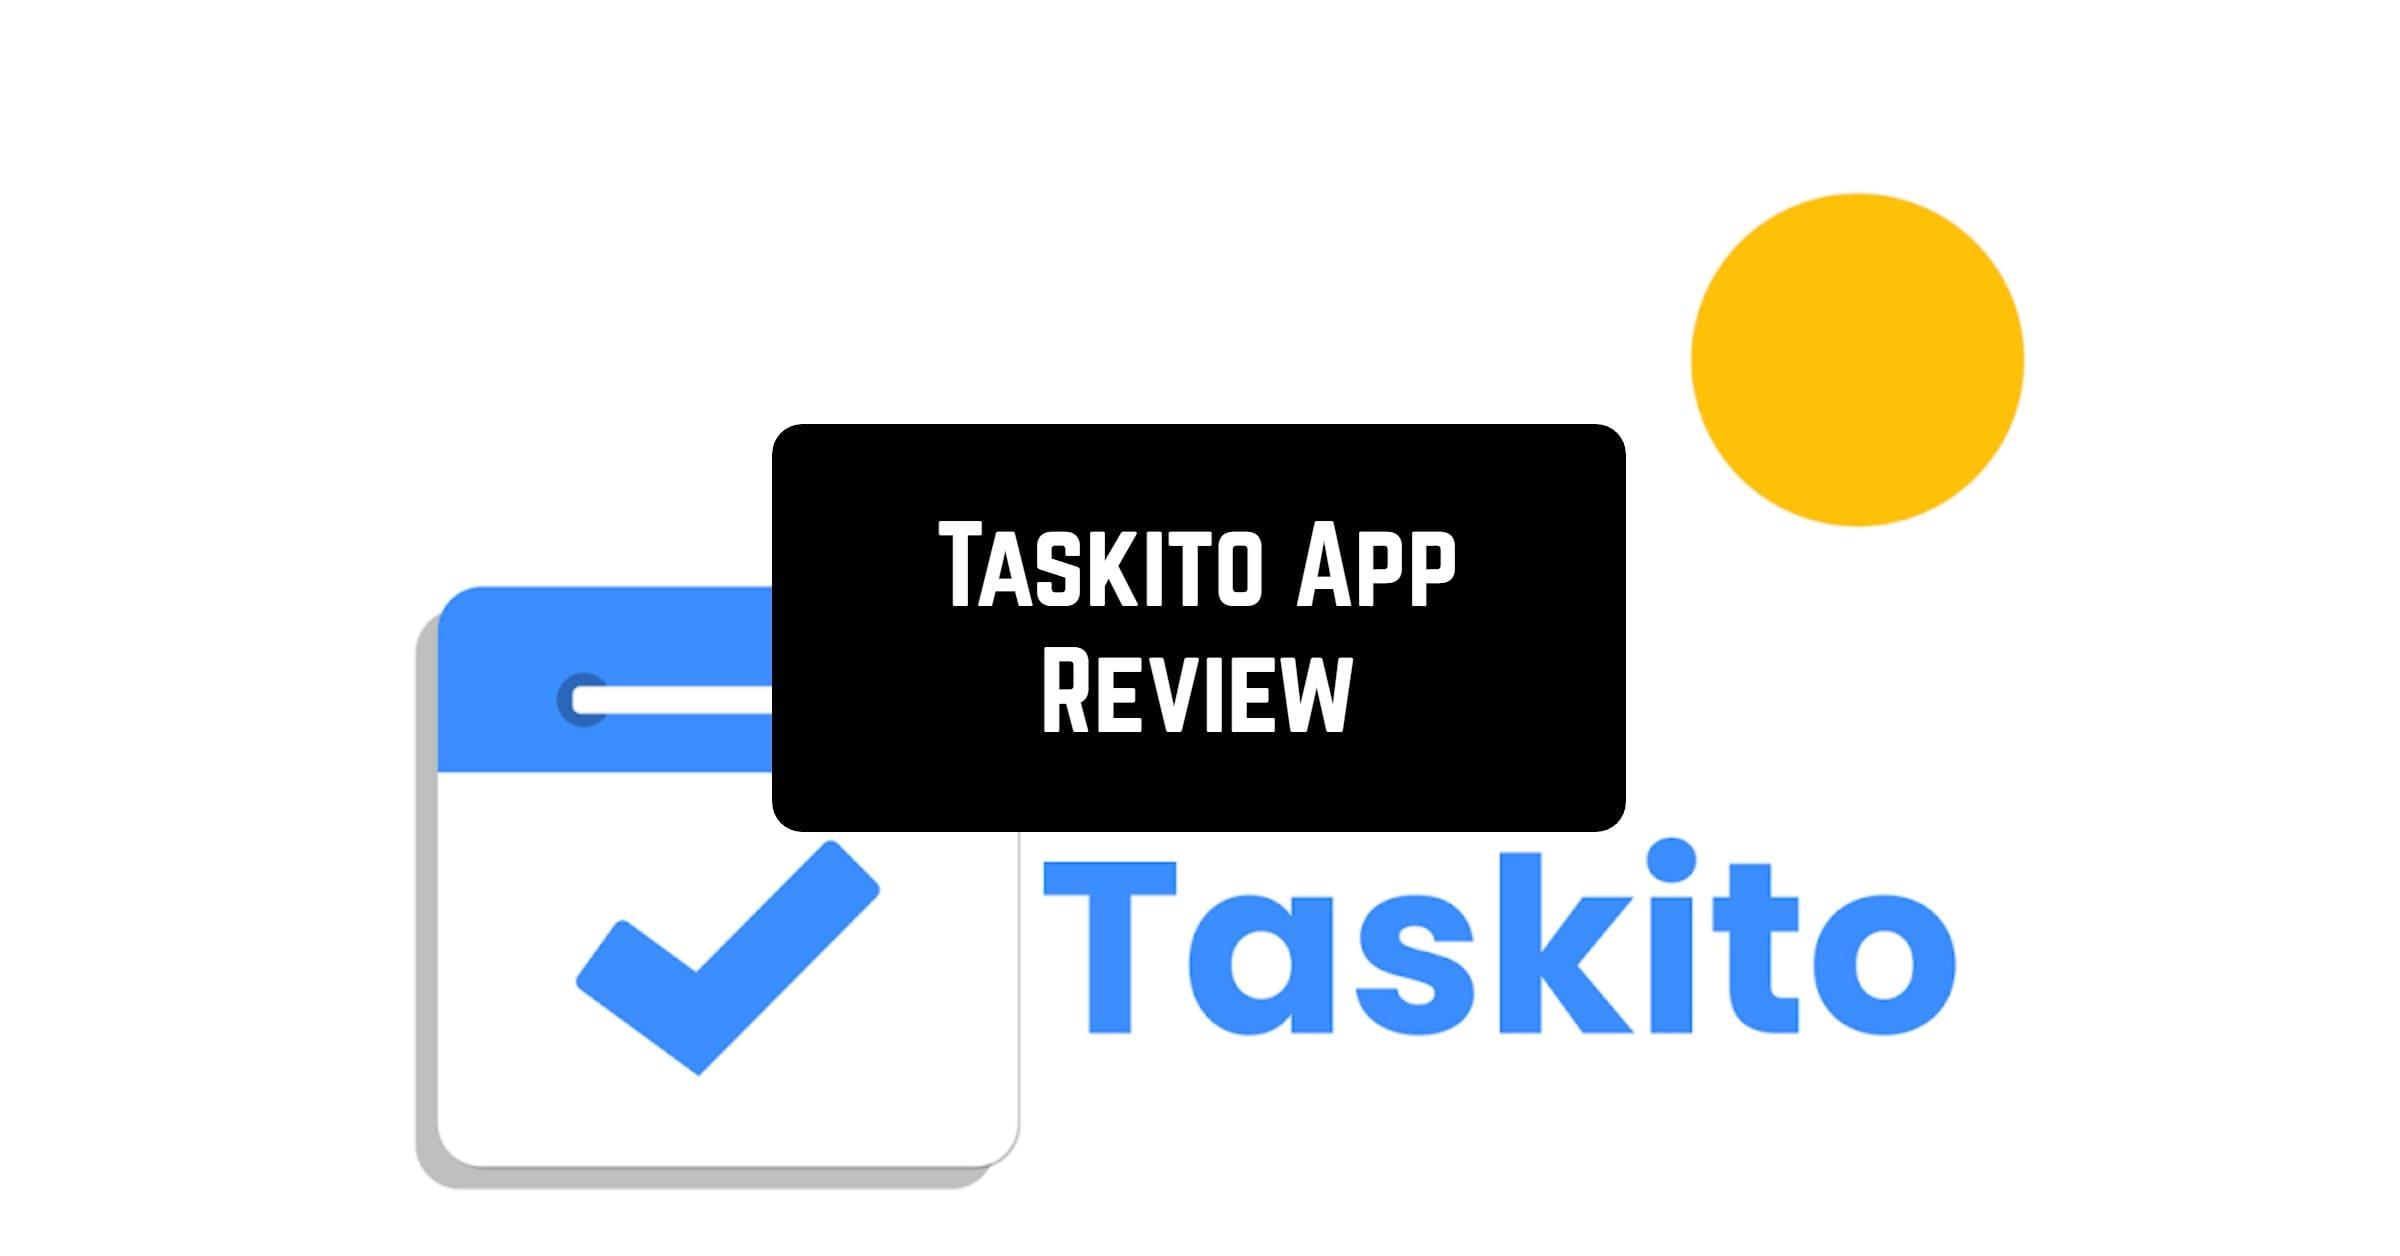 taskito1